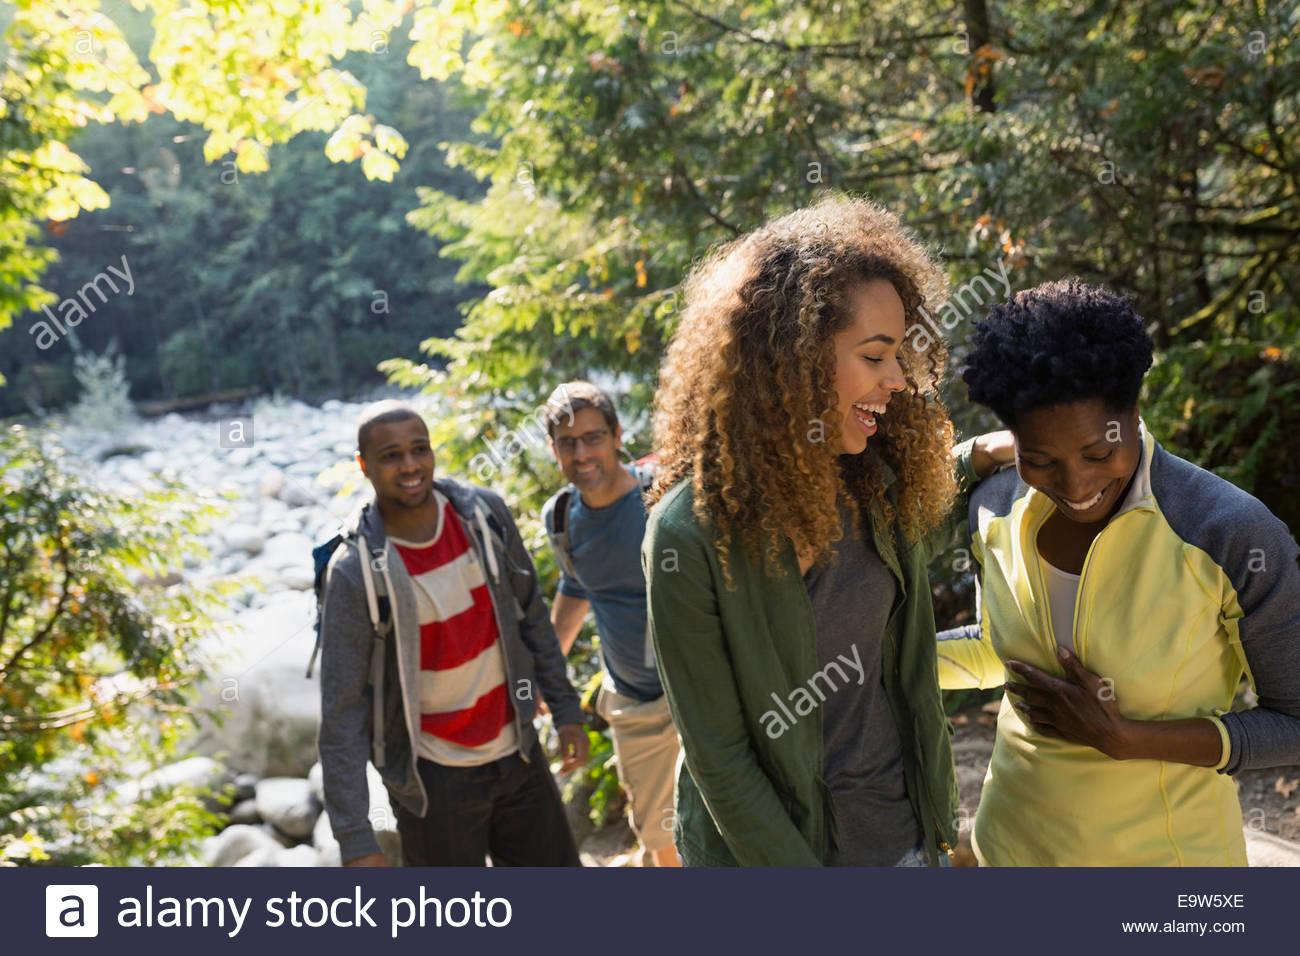 Freunde Lachen im sonnigen Wald Stockbild